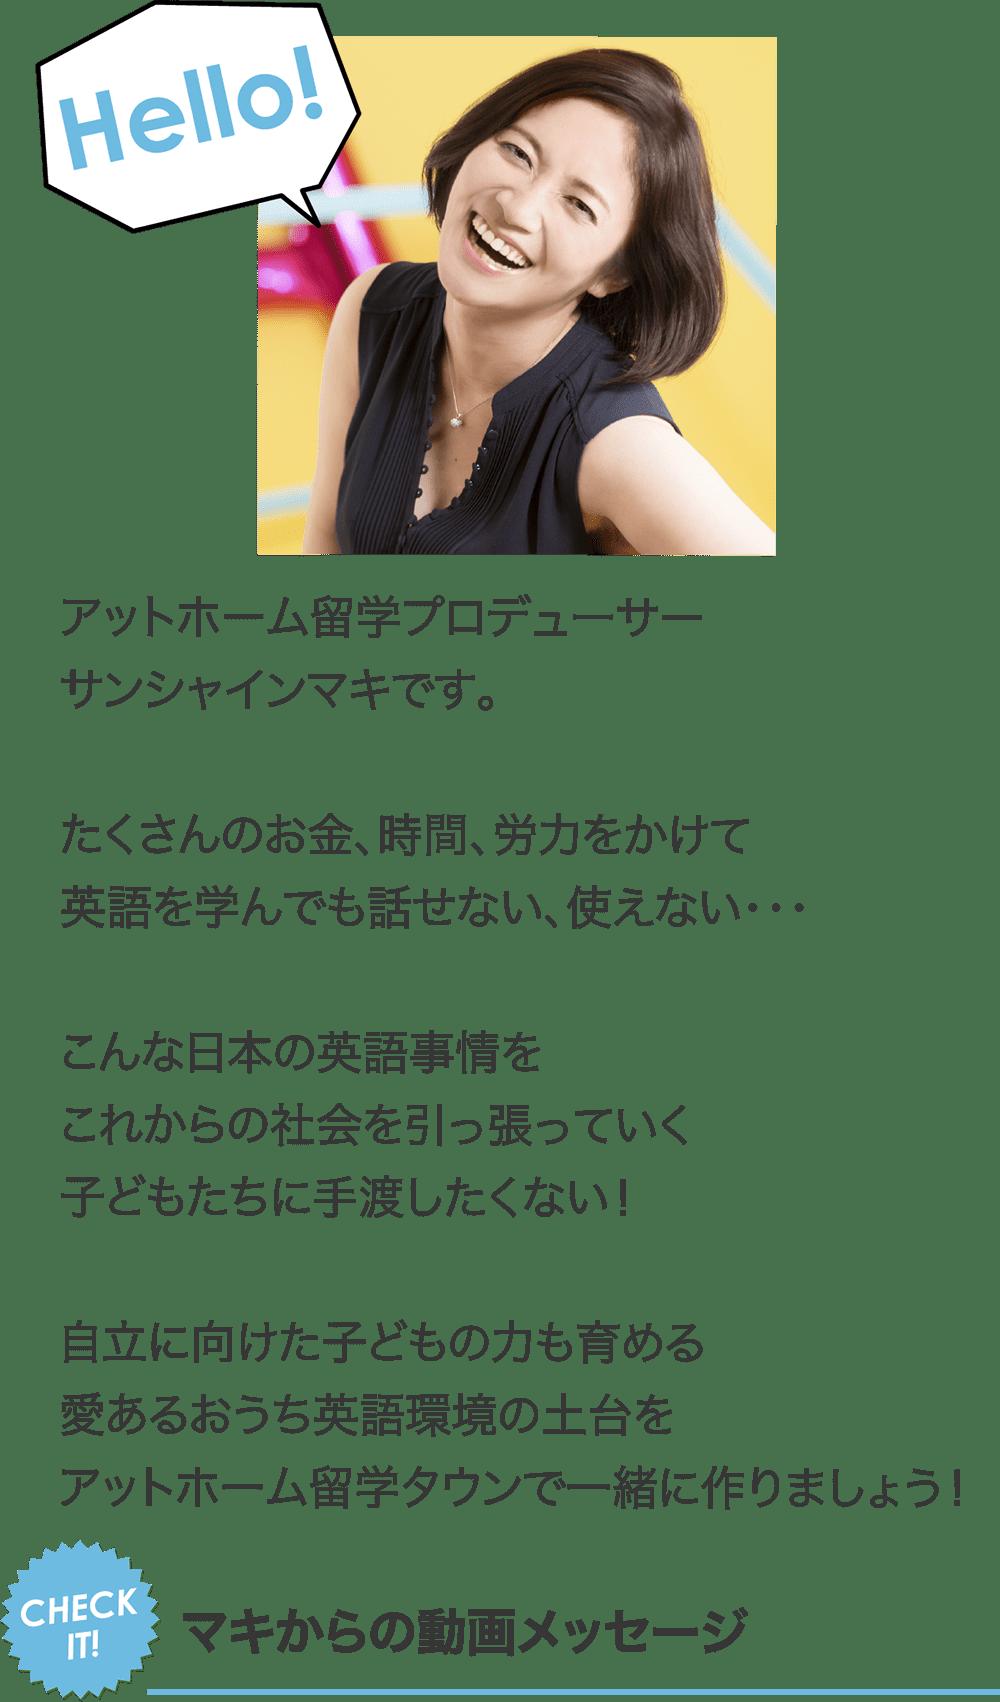 Hello! アットホーム留学プロデューサー サンシャインマキです。